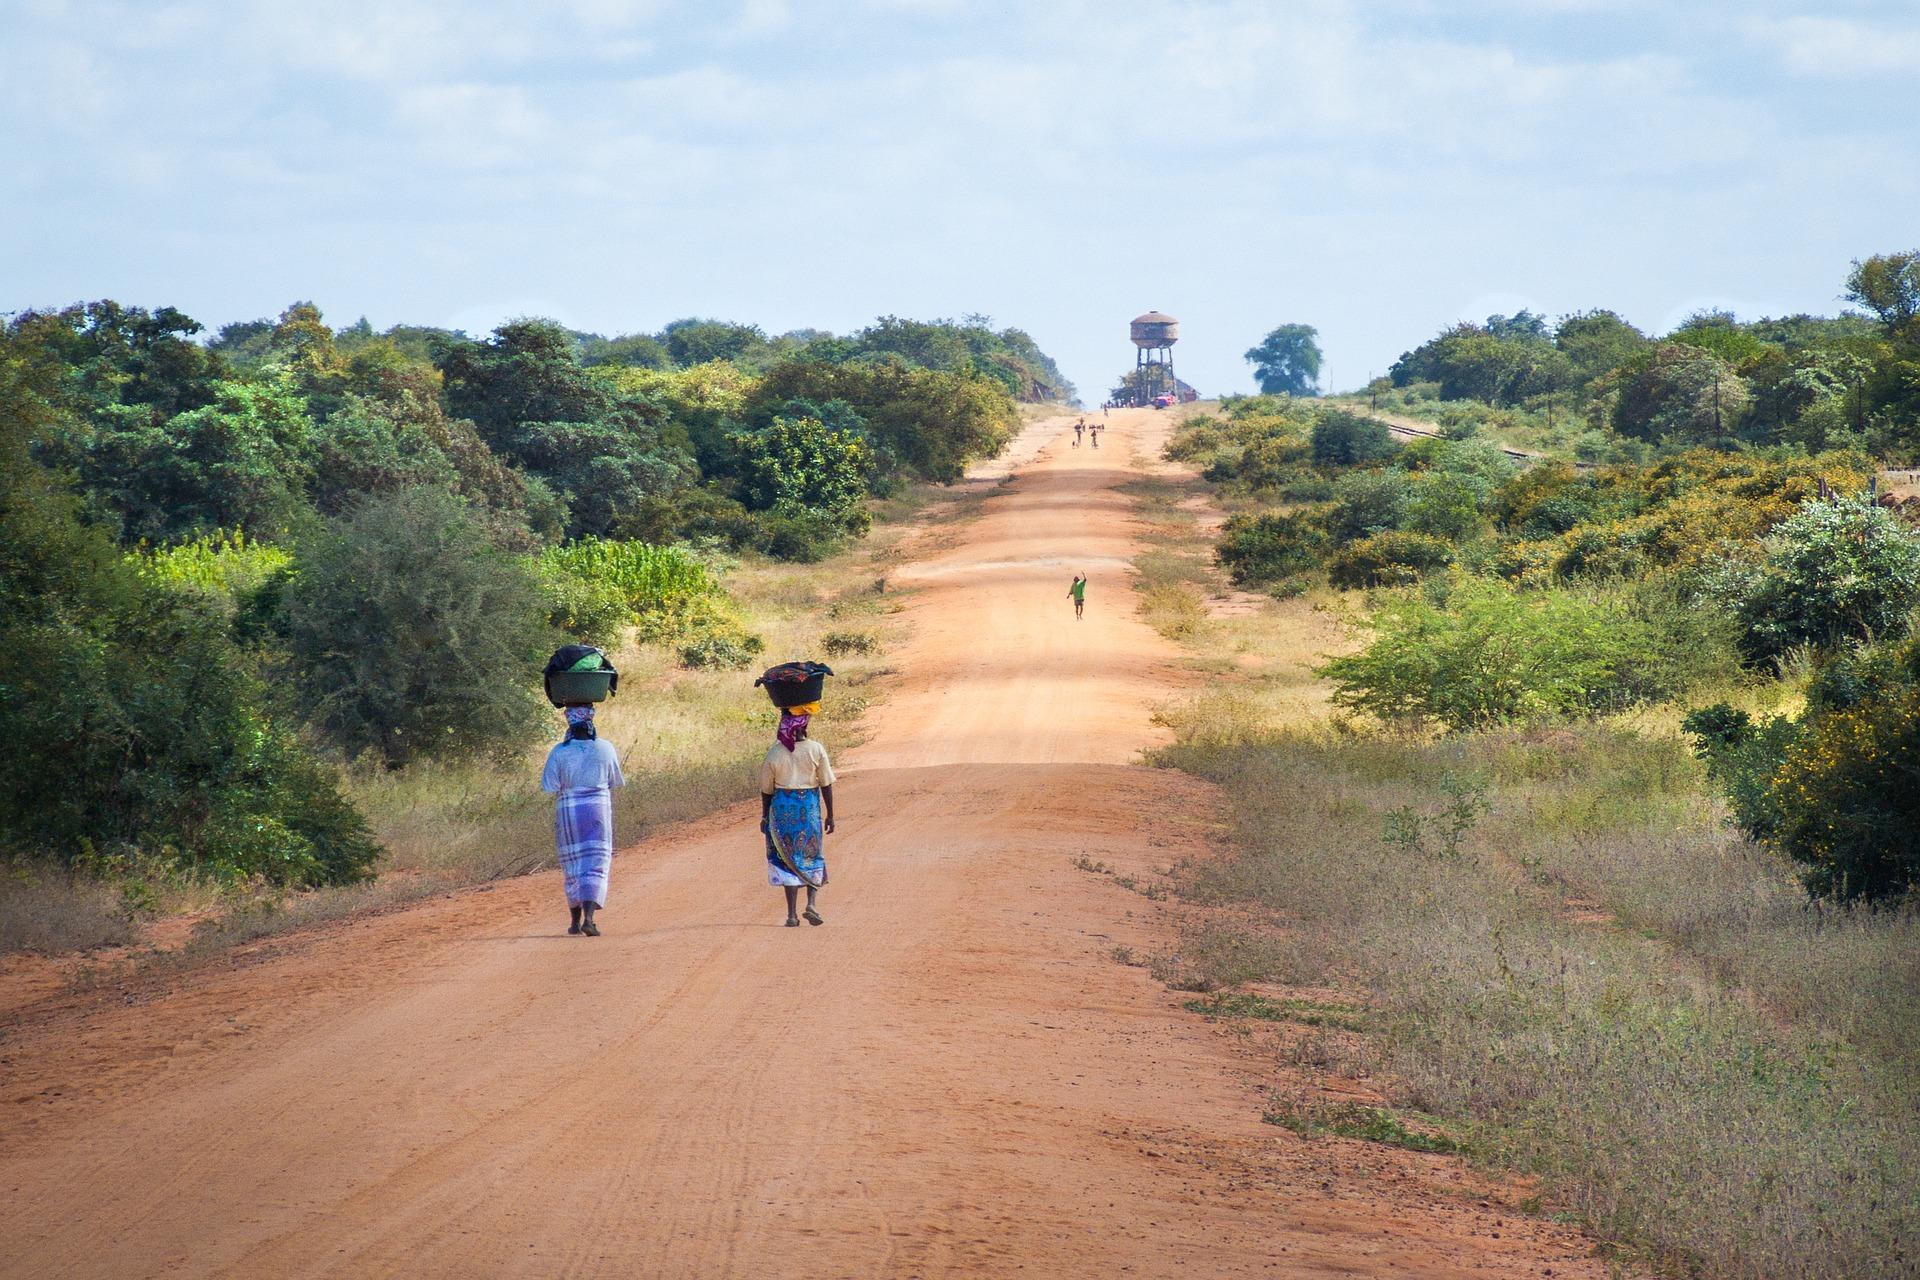 Mozambique – Covid-19